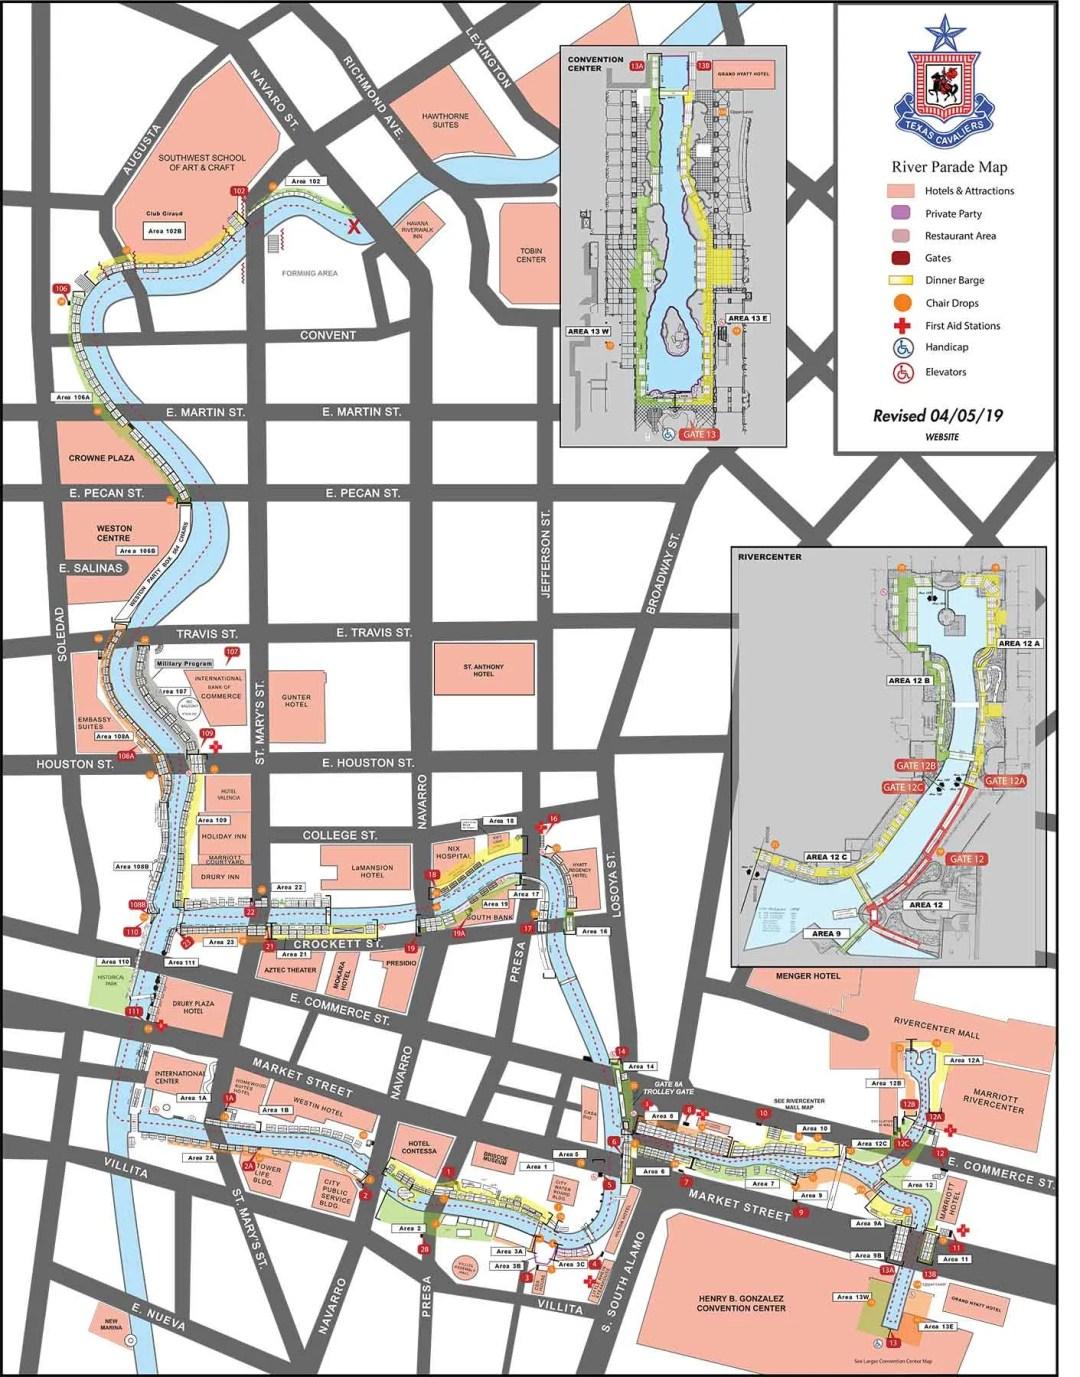 Texas Cavalier River Parade Map 2019